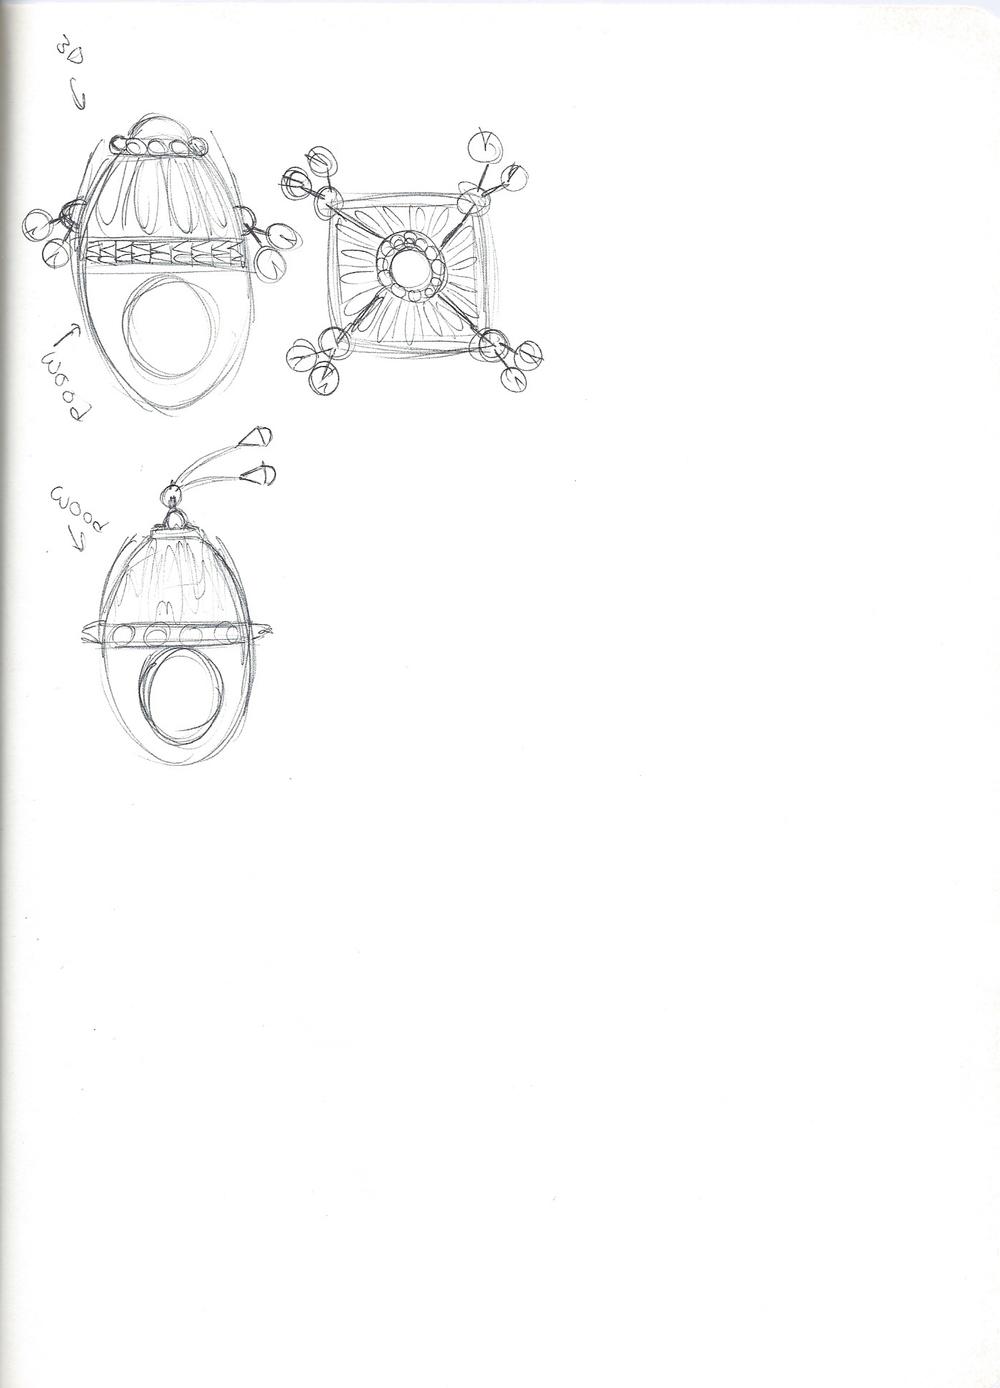 renderings-b-2.jpg